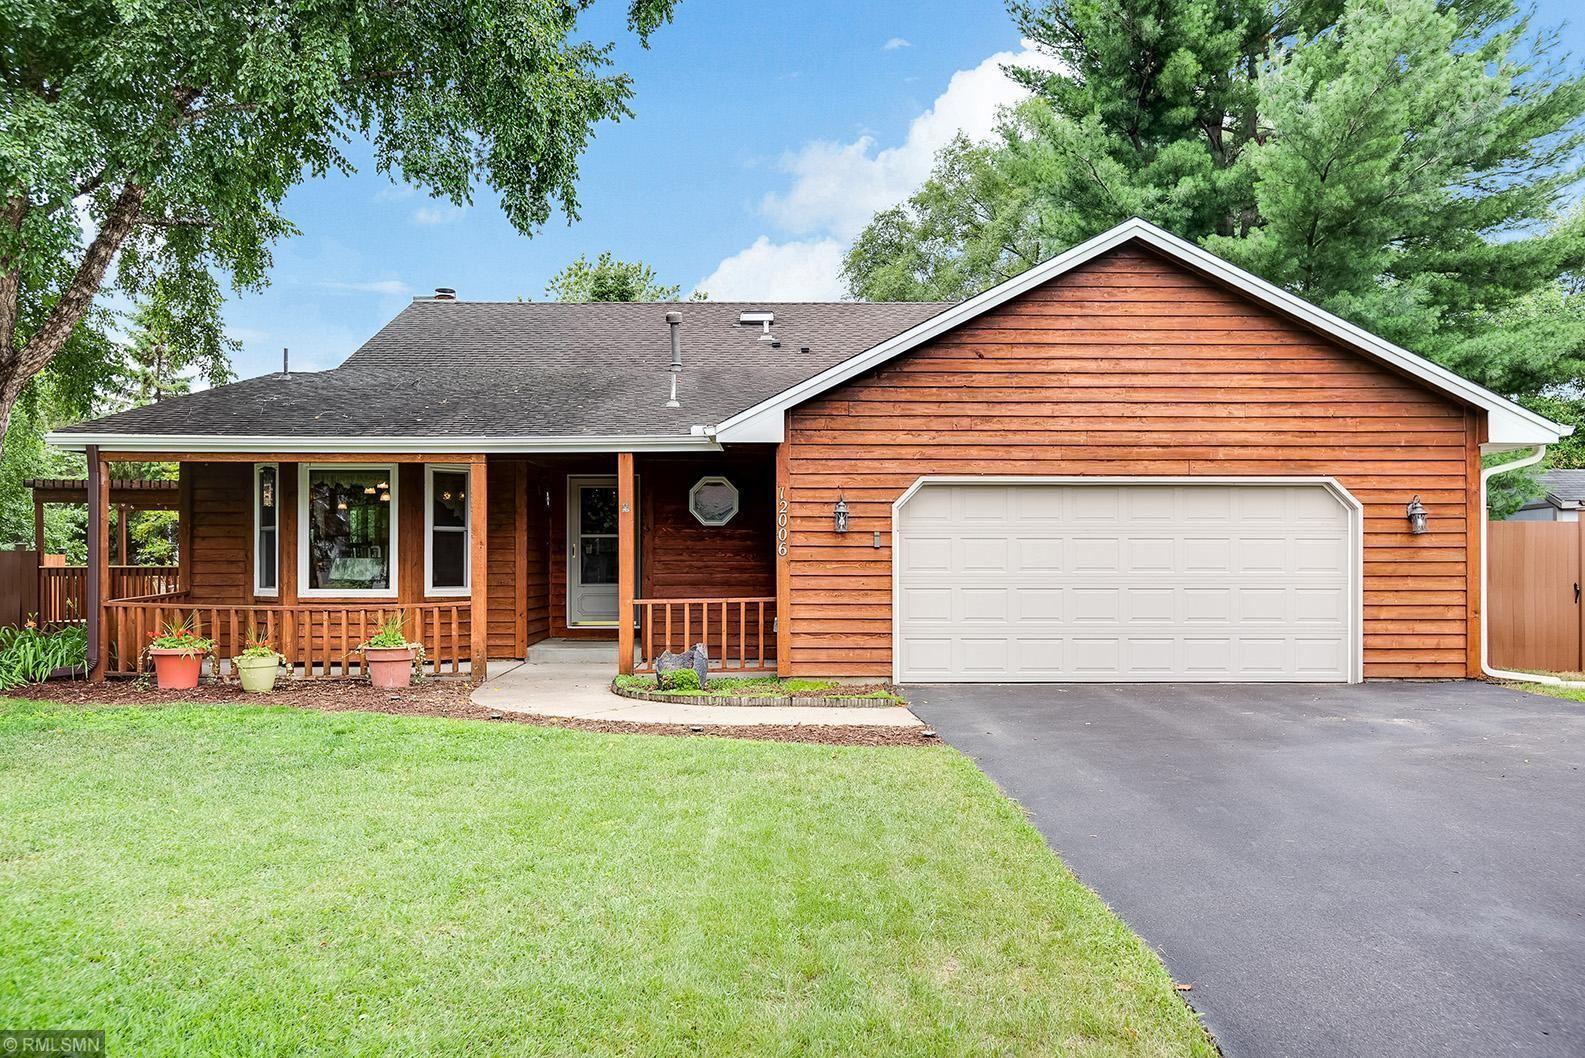 12006 Blackfoot Street NW, Coon Rapids, MN 55433 - MLS#: 5628655